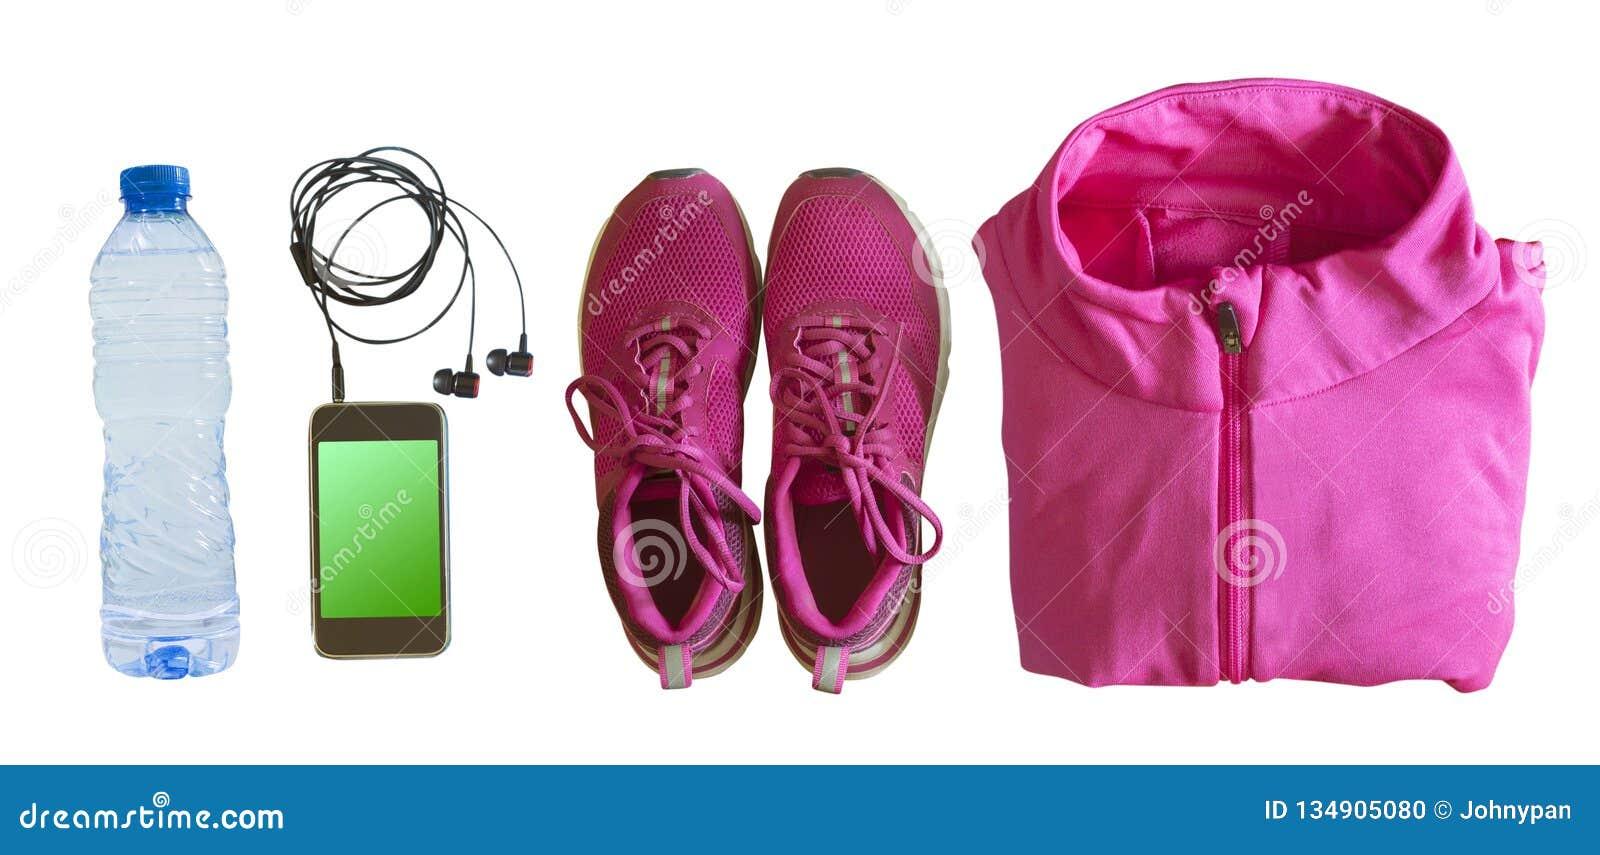 Einzelteile für Training oder Übung